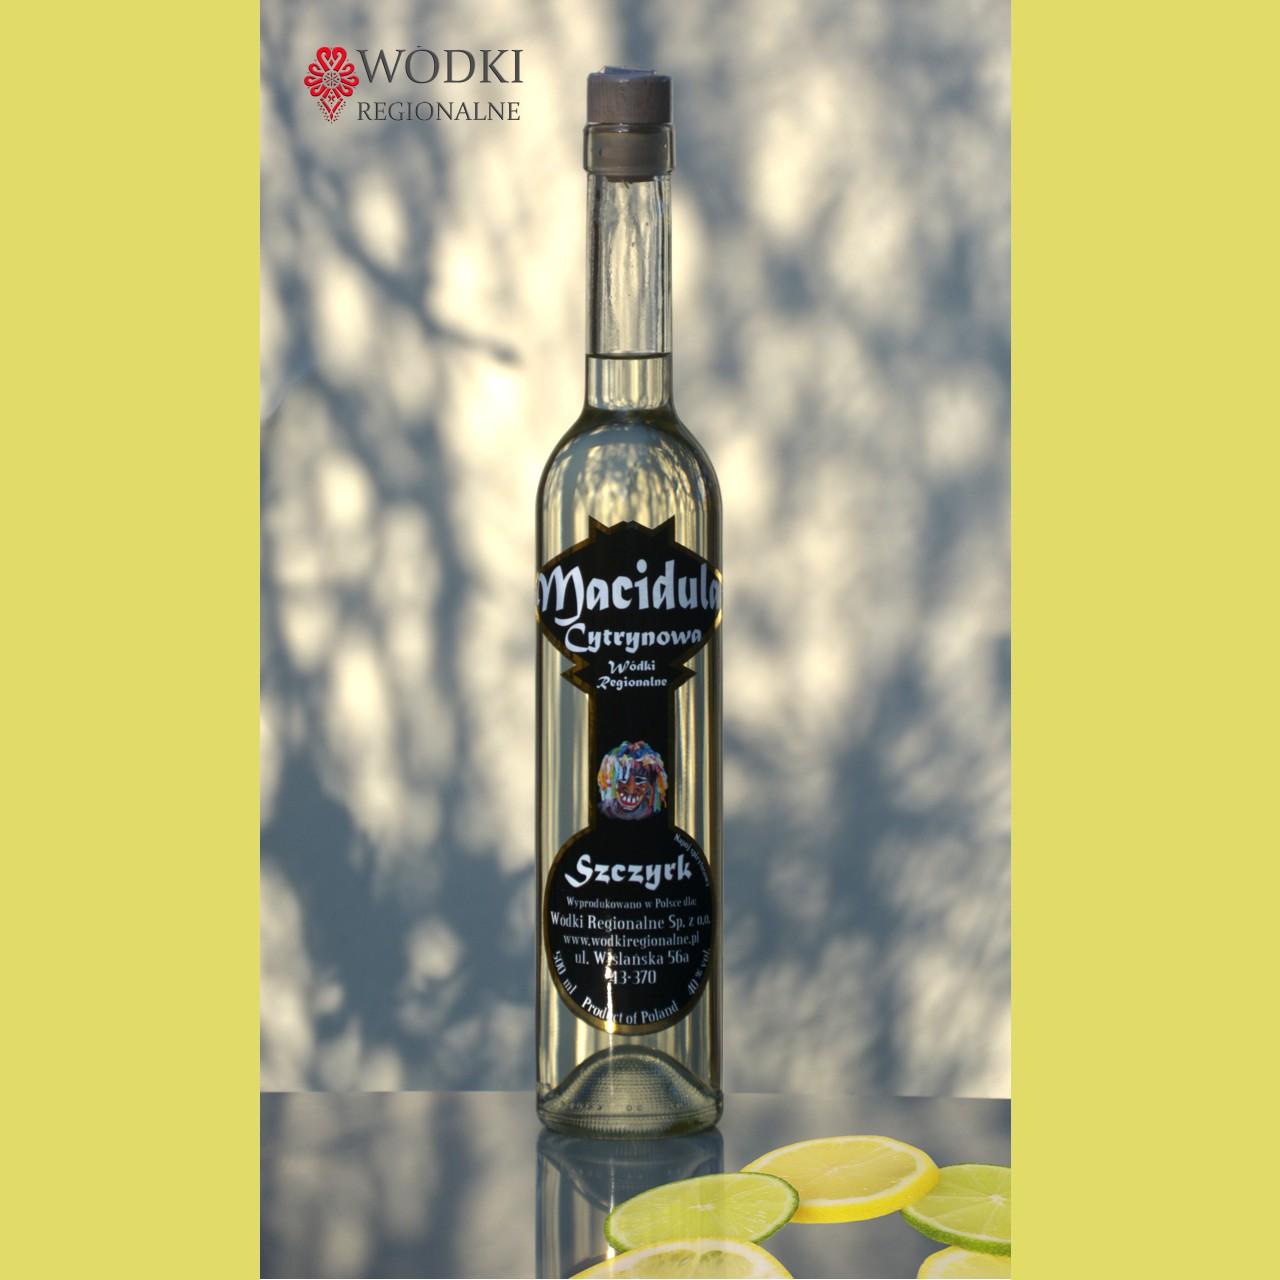 macidula-cytrynowka-z-nutka-miodu-12-2013-2